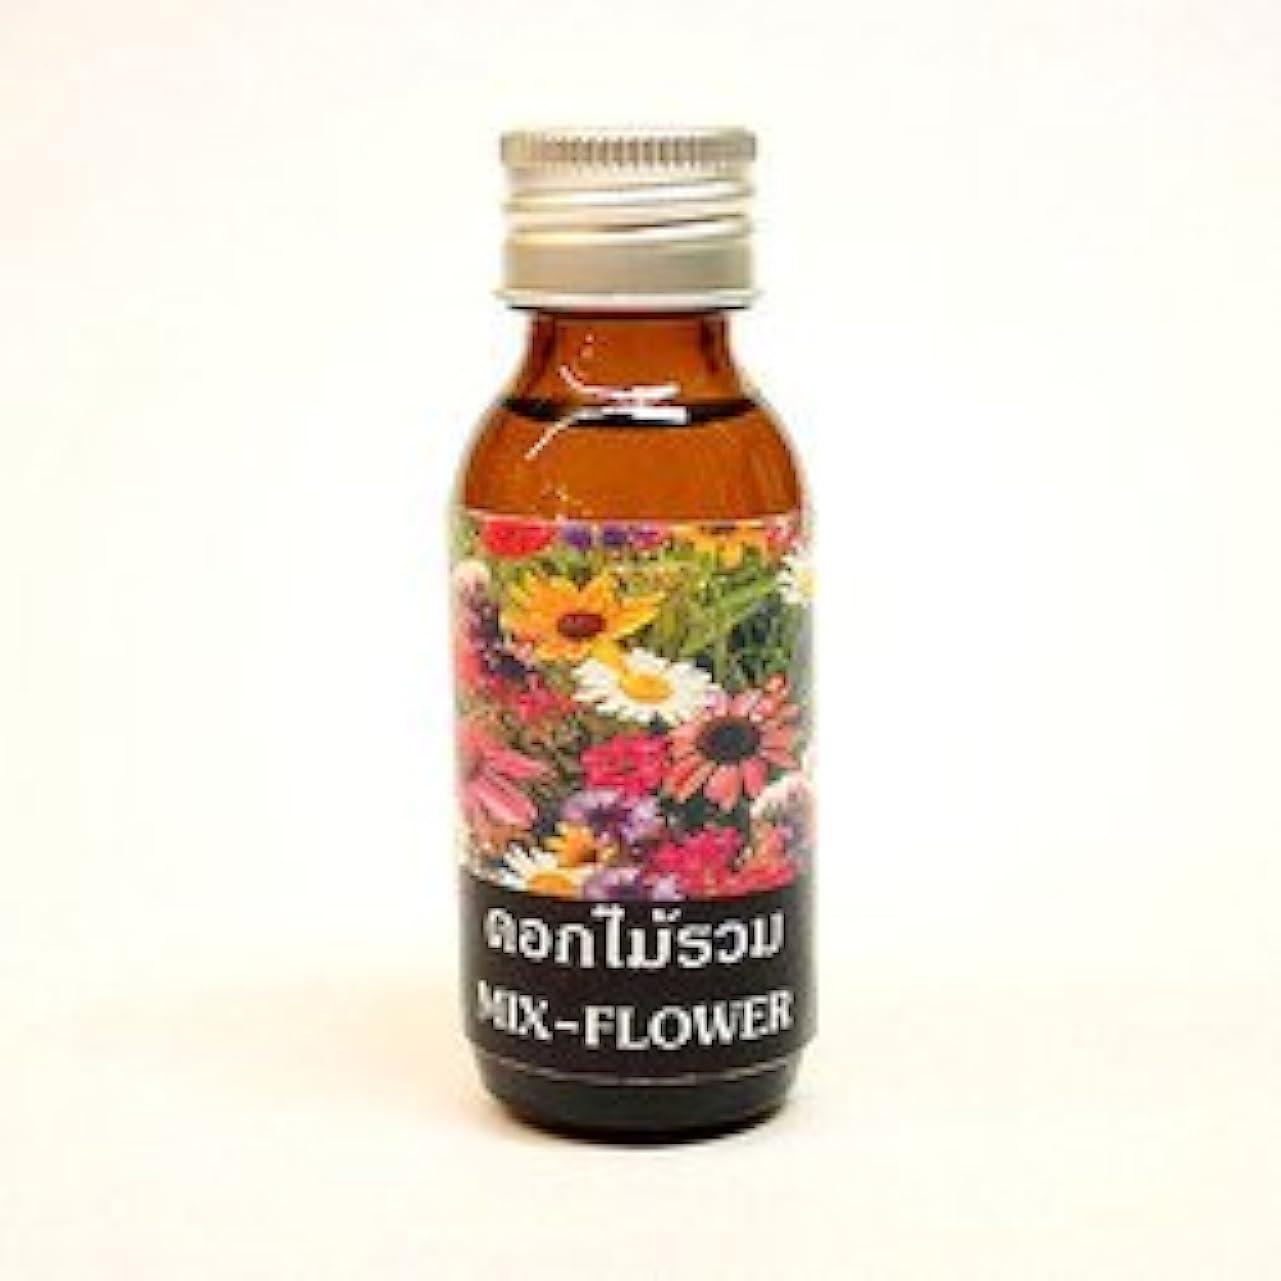 構造的枯れる寛大なミックスフラワー 〔Mix-Flower〕 アロマテラピーオイル 30ml アジアン雑貨